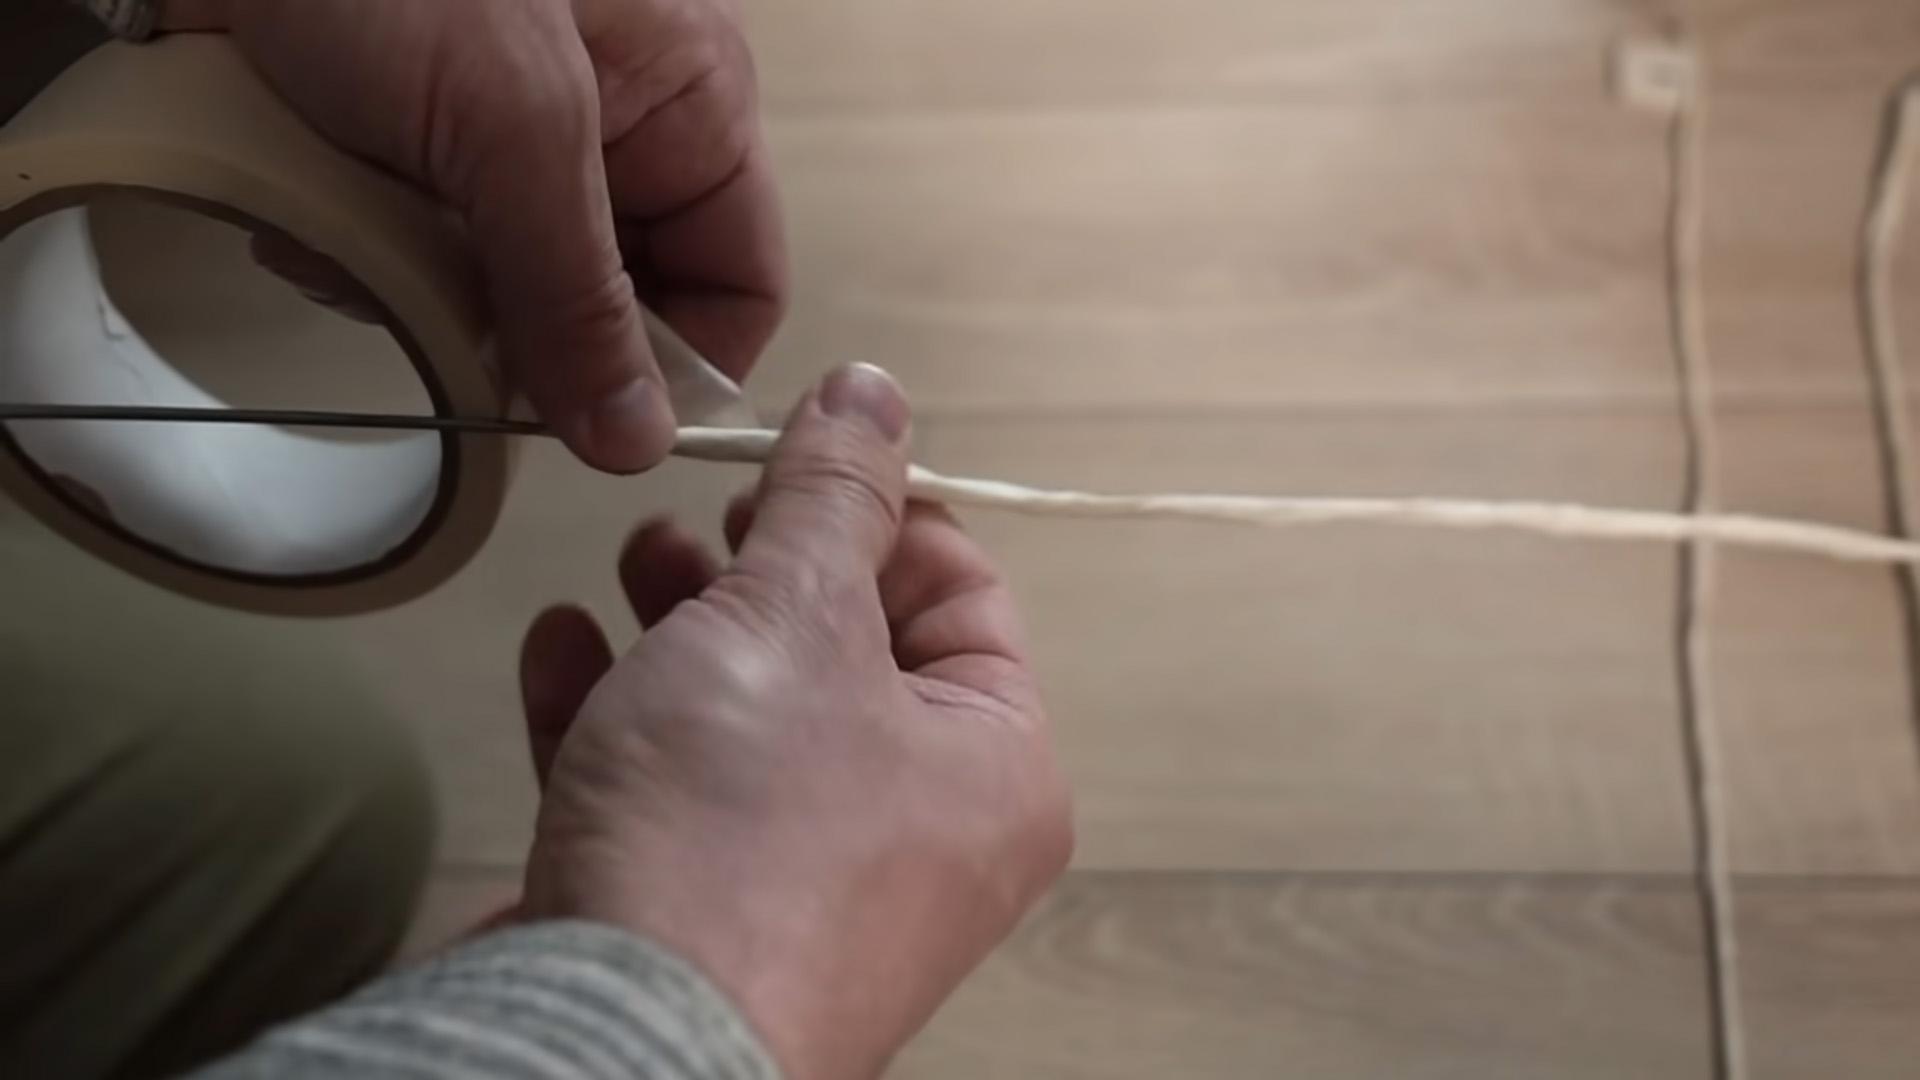 Nordost Vidar 2 прогреет ваш кабель. И проволочную вешалку!